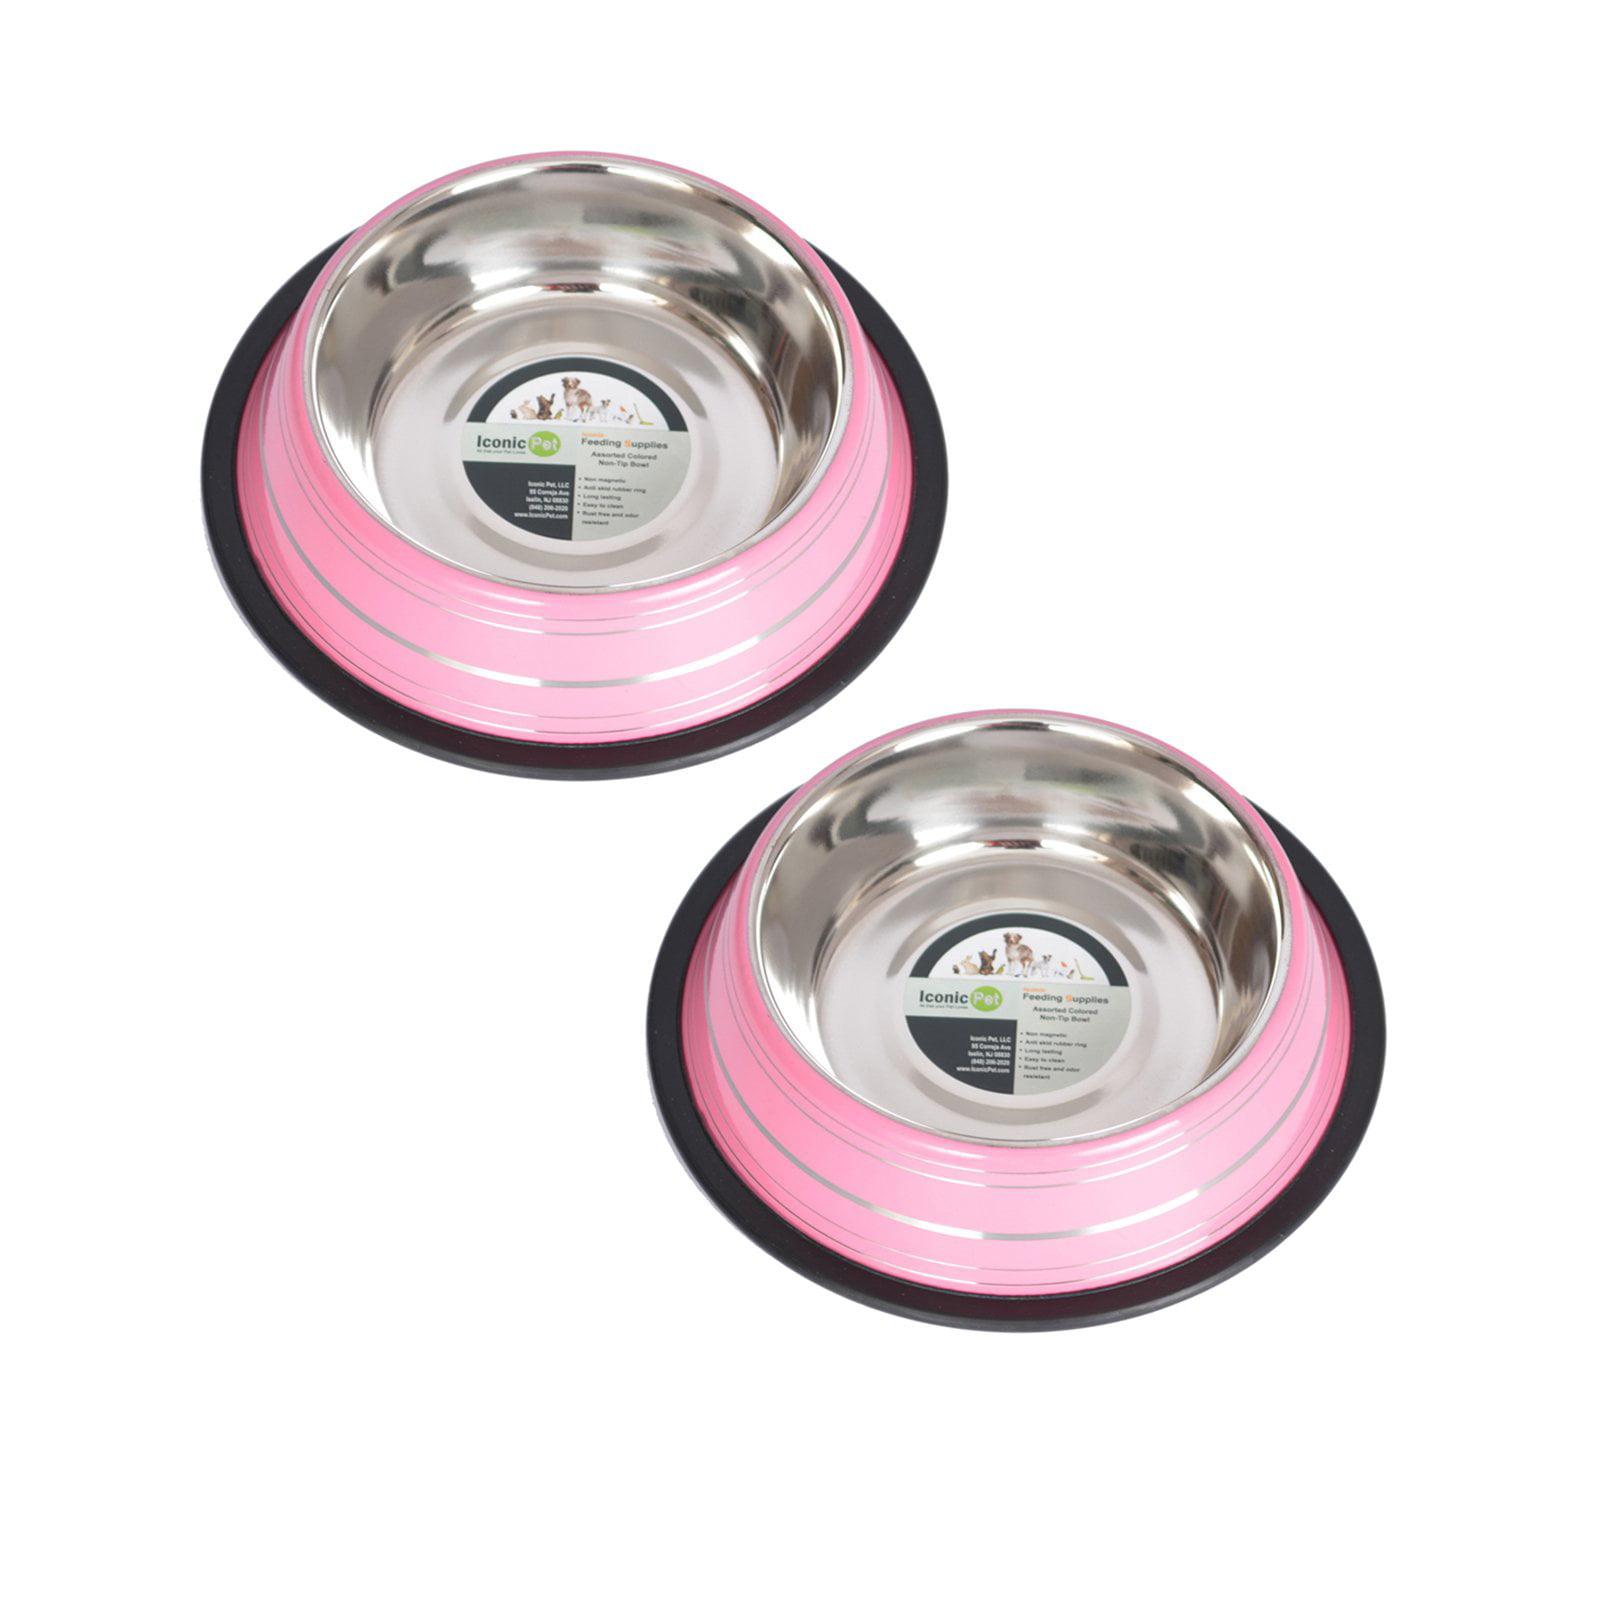 2-Pack Color Splash Stripe Non-Skid Pet Bowl For Dog Or Cat, Pink, 64 Oz, 8 Cup